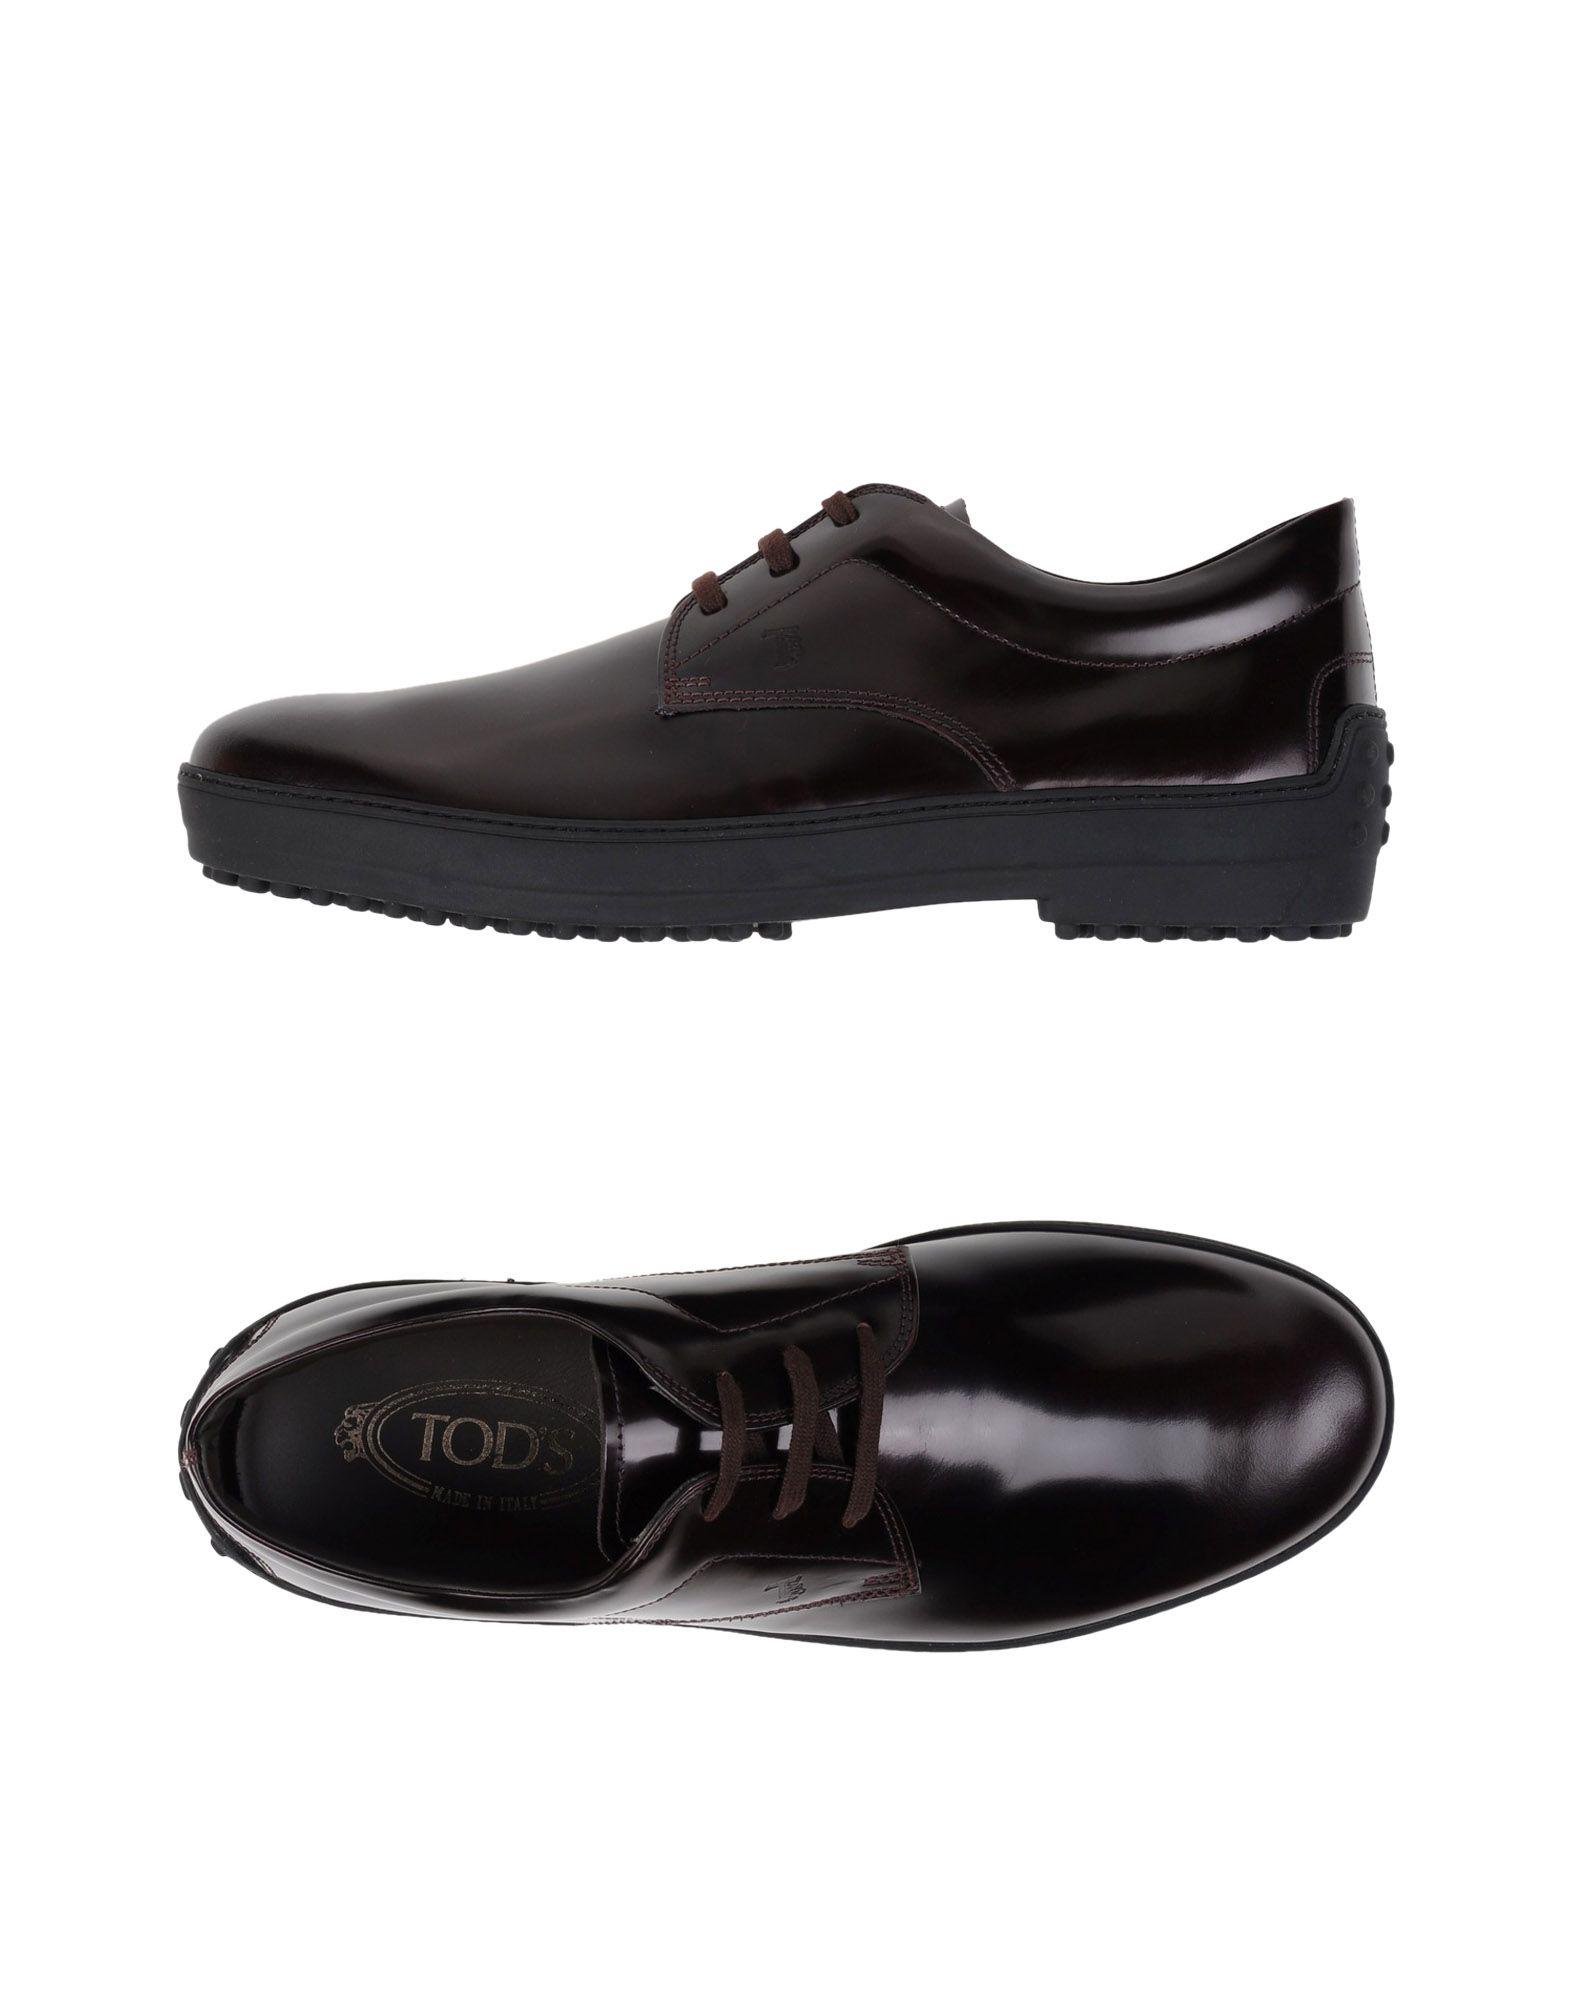 Tod's Schnürschuhe Herren  11115984VG Gute Qualität beliebte Schuhe